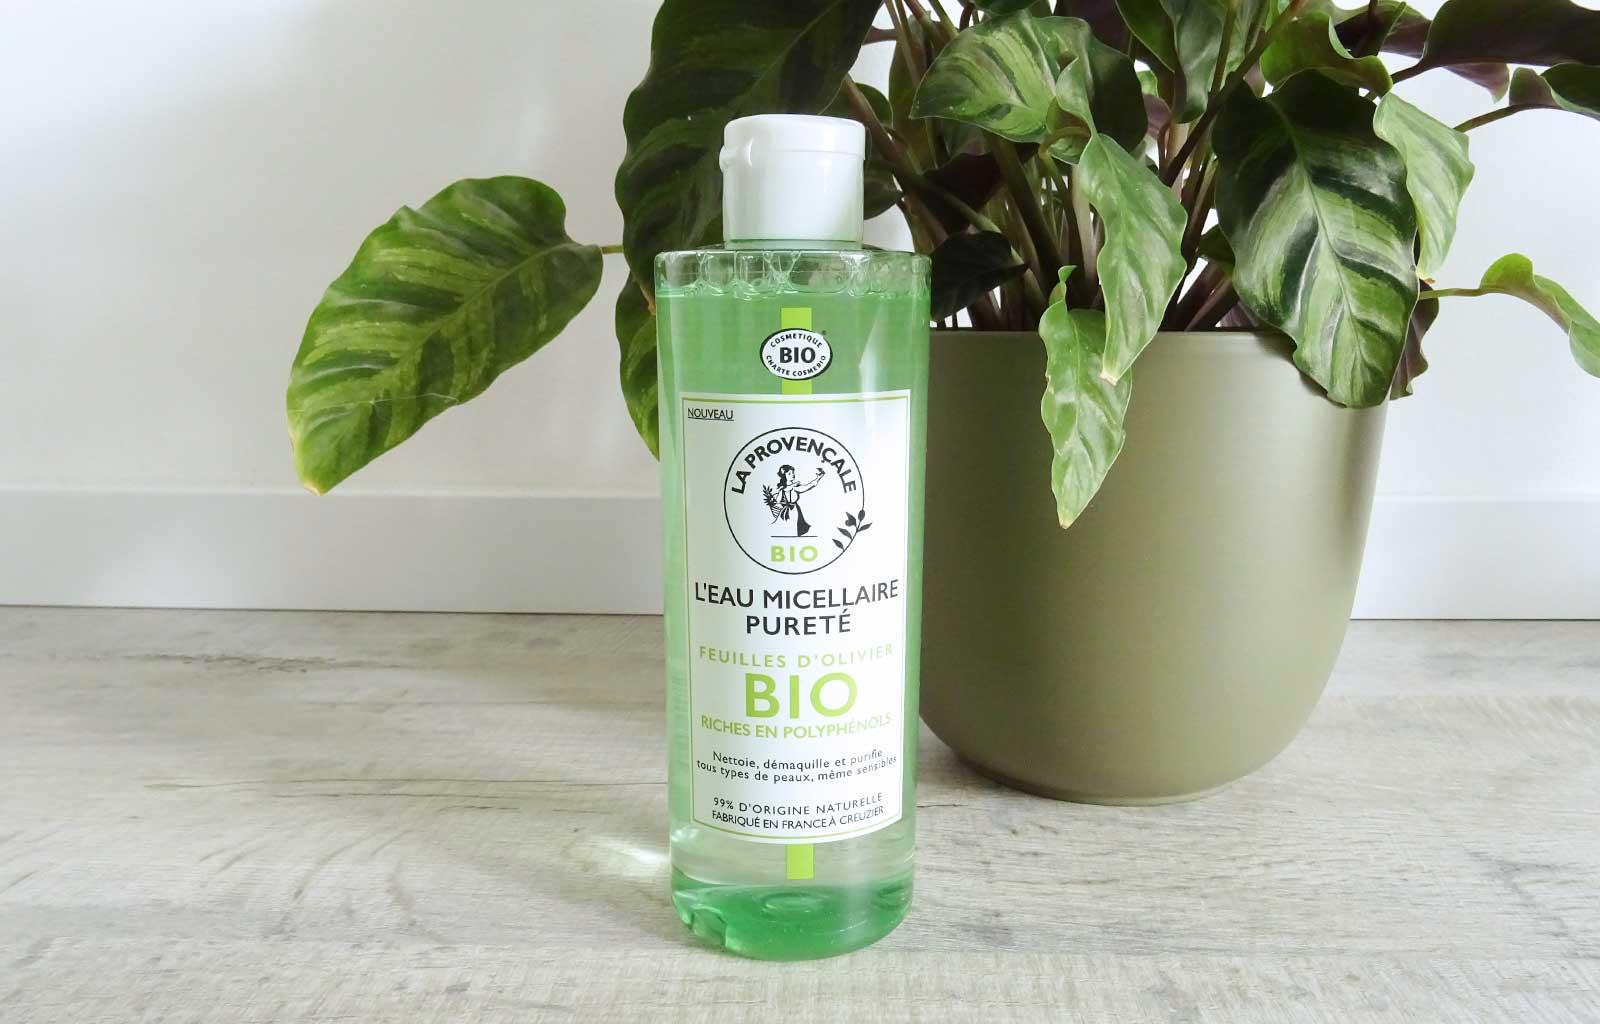 La provençale eau micellaire pureté